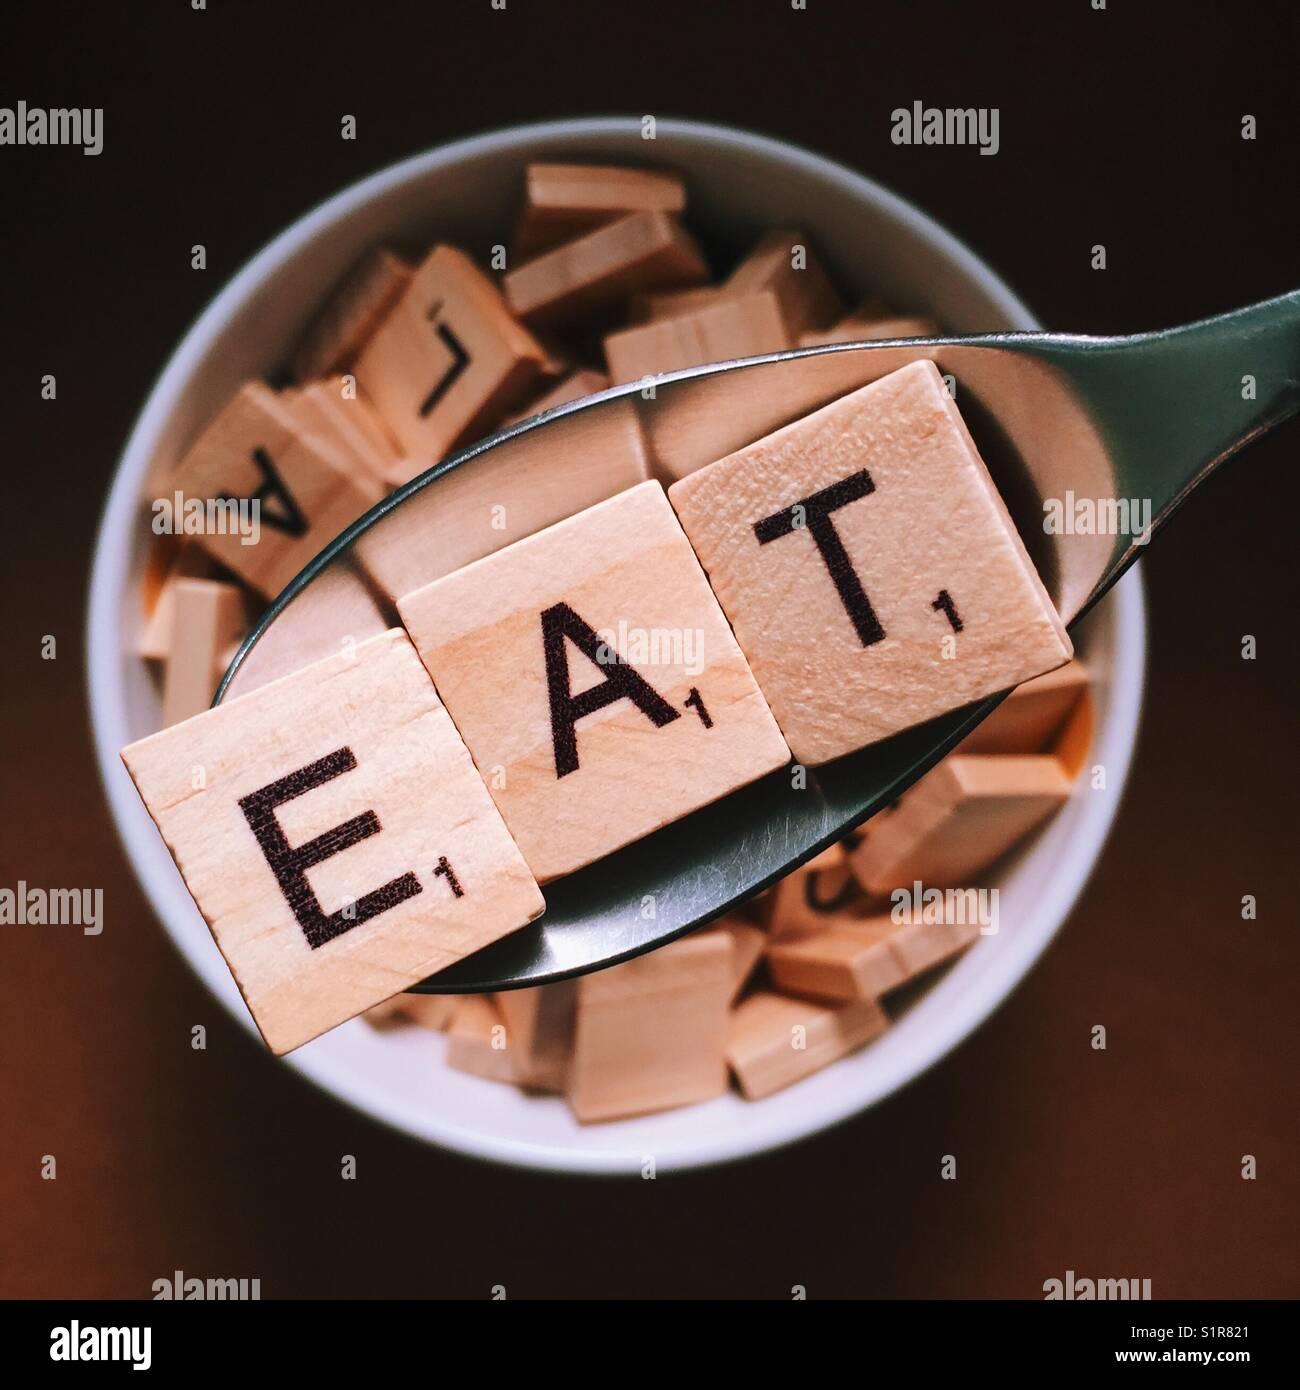 Nahaufnahme der einen Löffel mit Holz Buchstaben auf es Rechtschreibung essen und eine Schüssel voller Stockbild